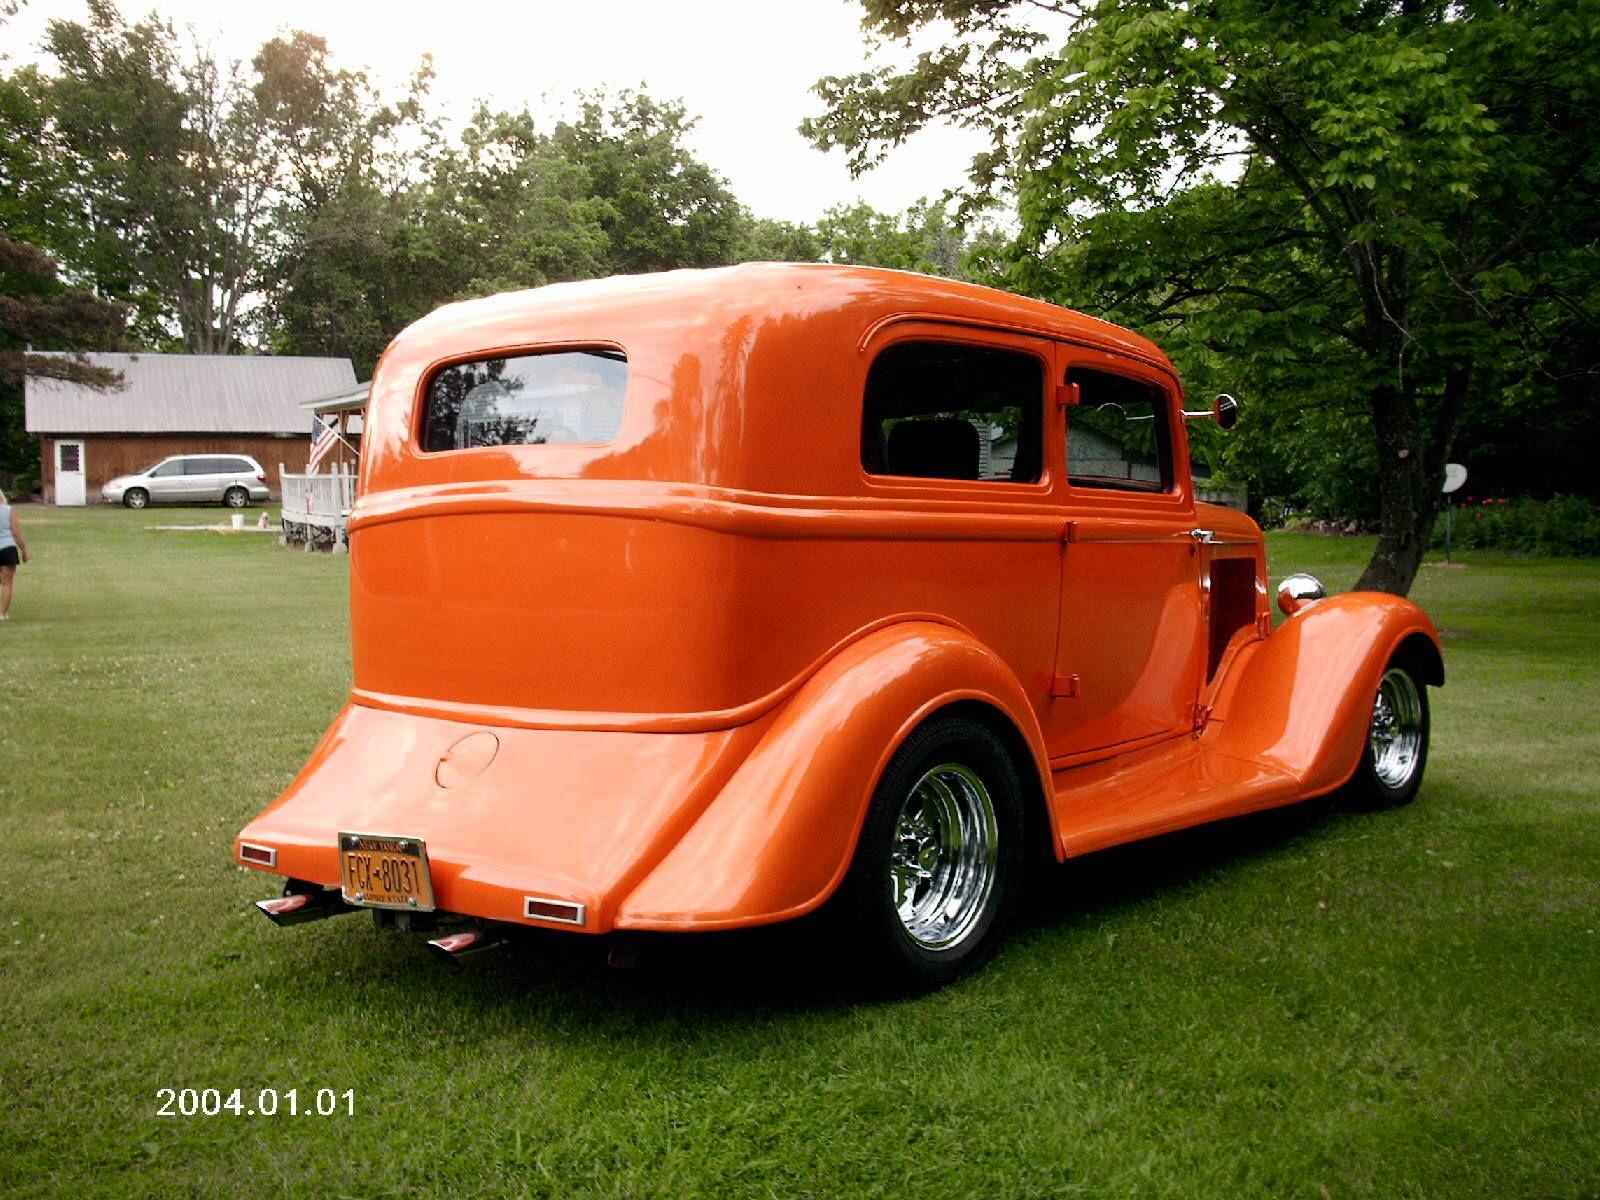 1934 34 plymouth 2 door sedan street rod hot rod streetrod for 1934 chevrolet 2 door sedan